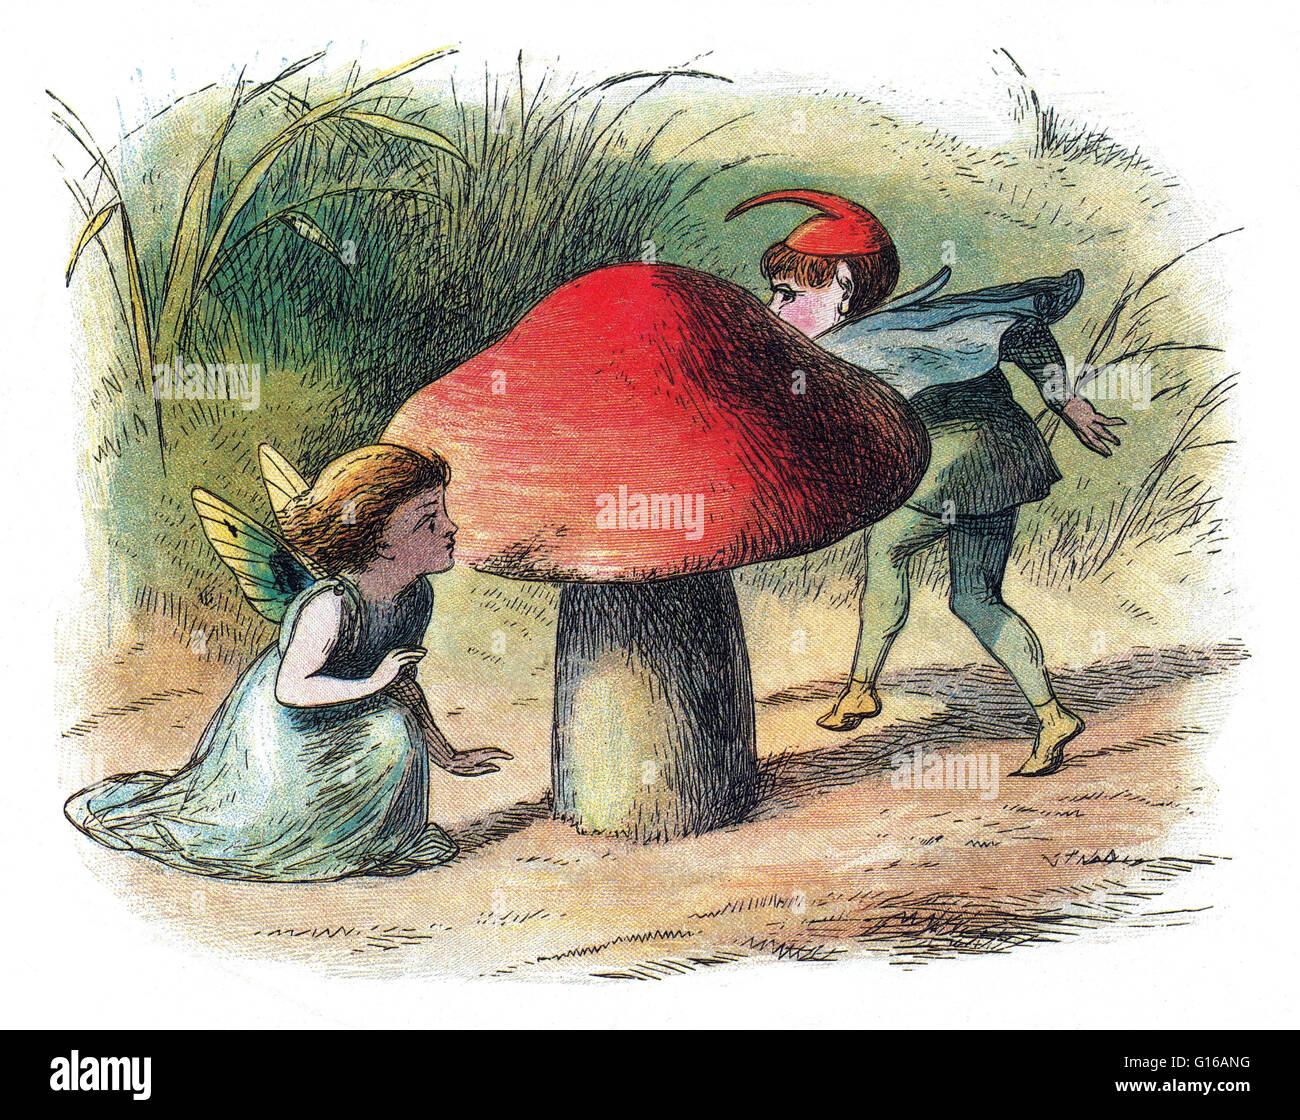 Fata e Elf. Una Fata è un tipo di mitici essendo o una creatura leggendaria nel folklore europeo, una forma Immagini Stock